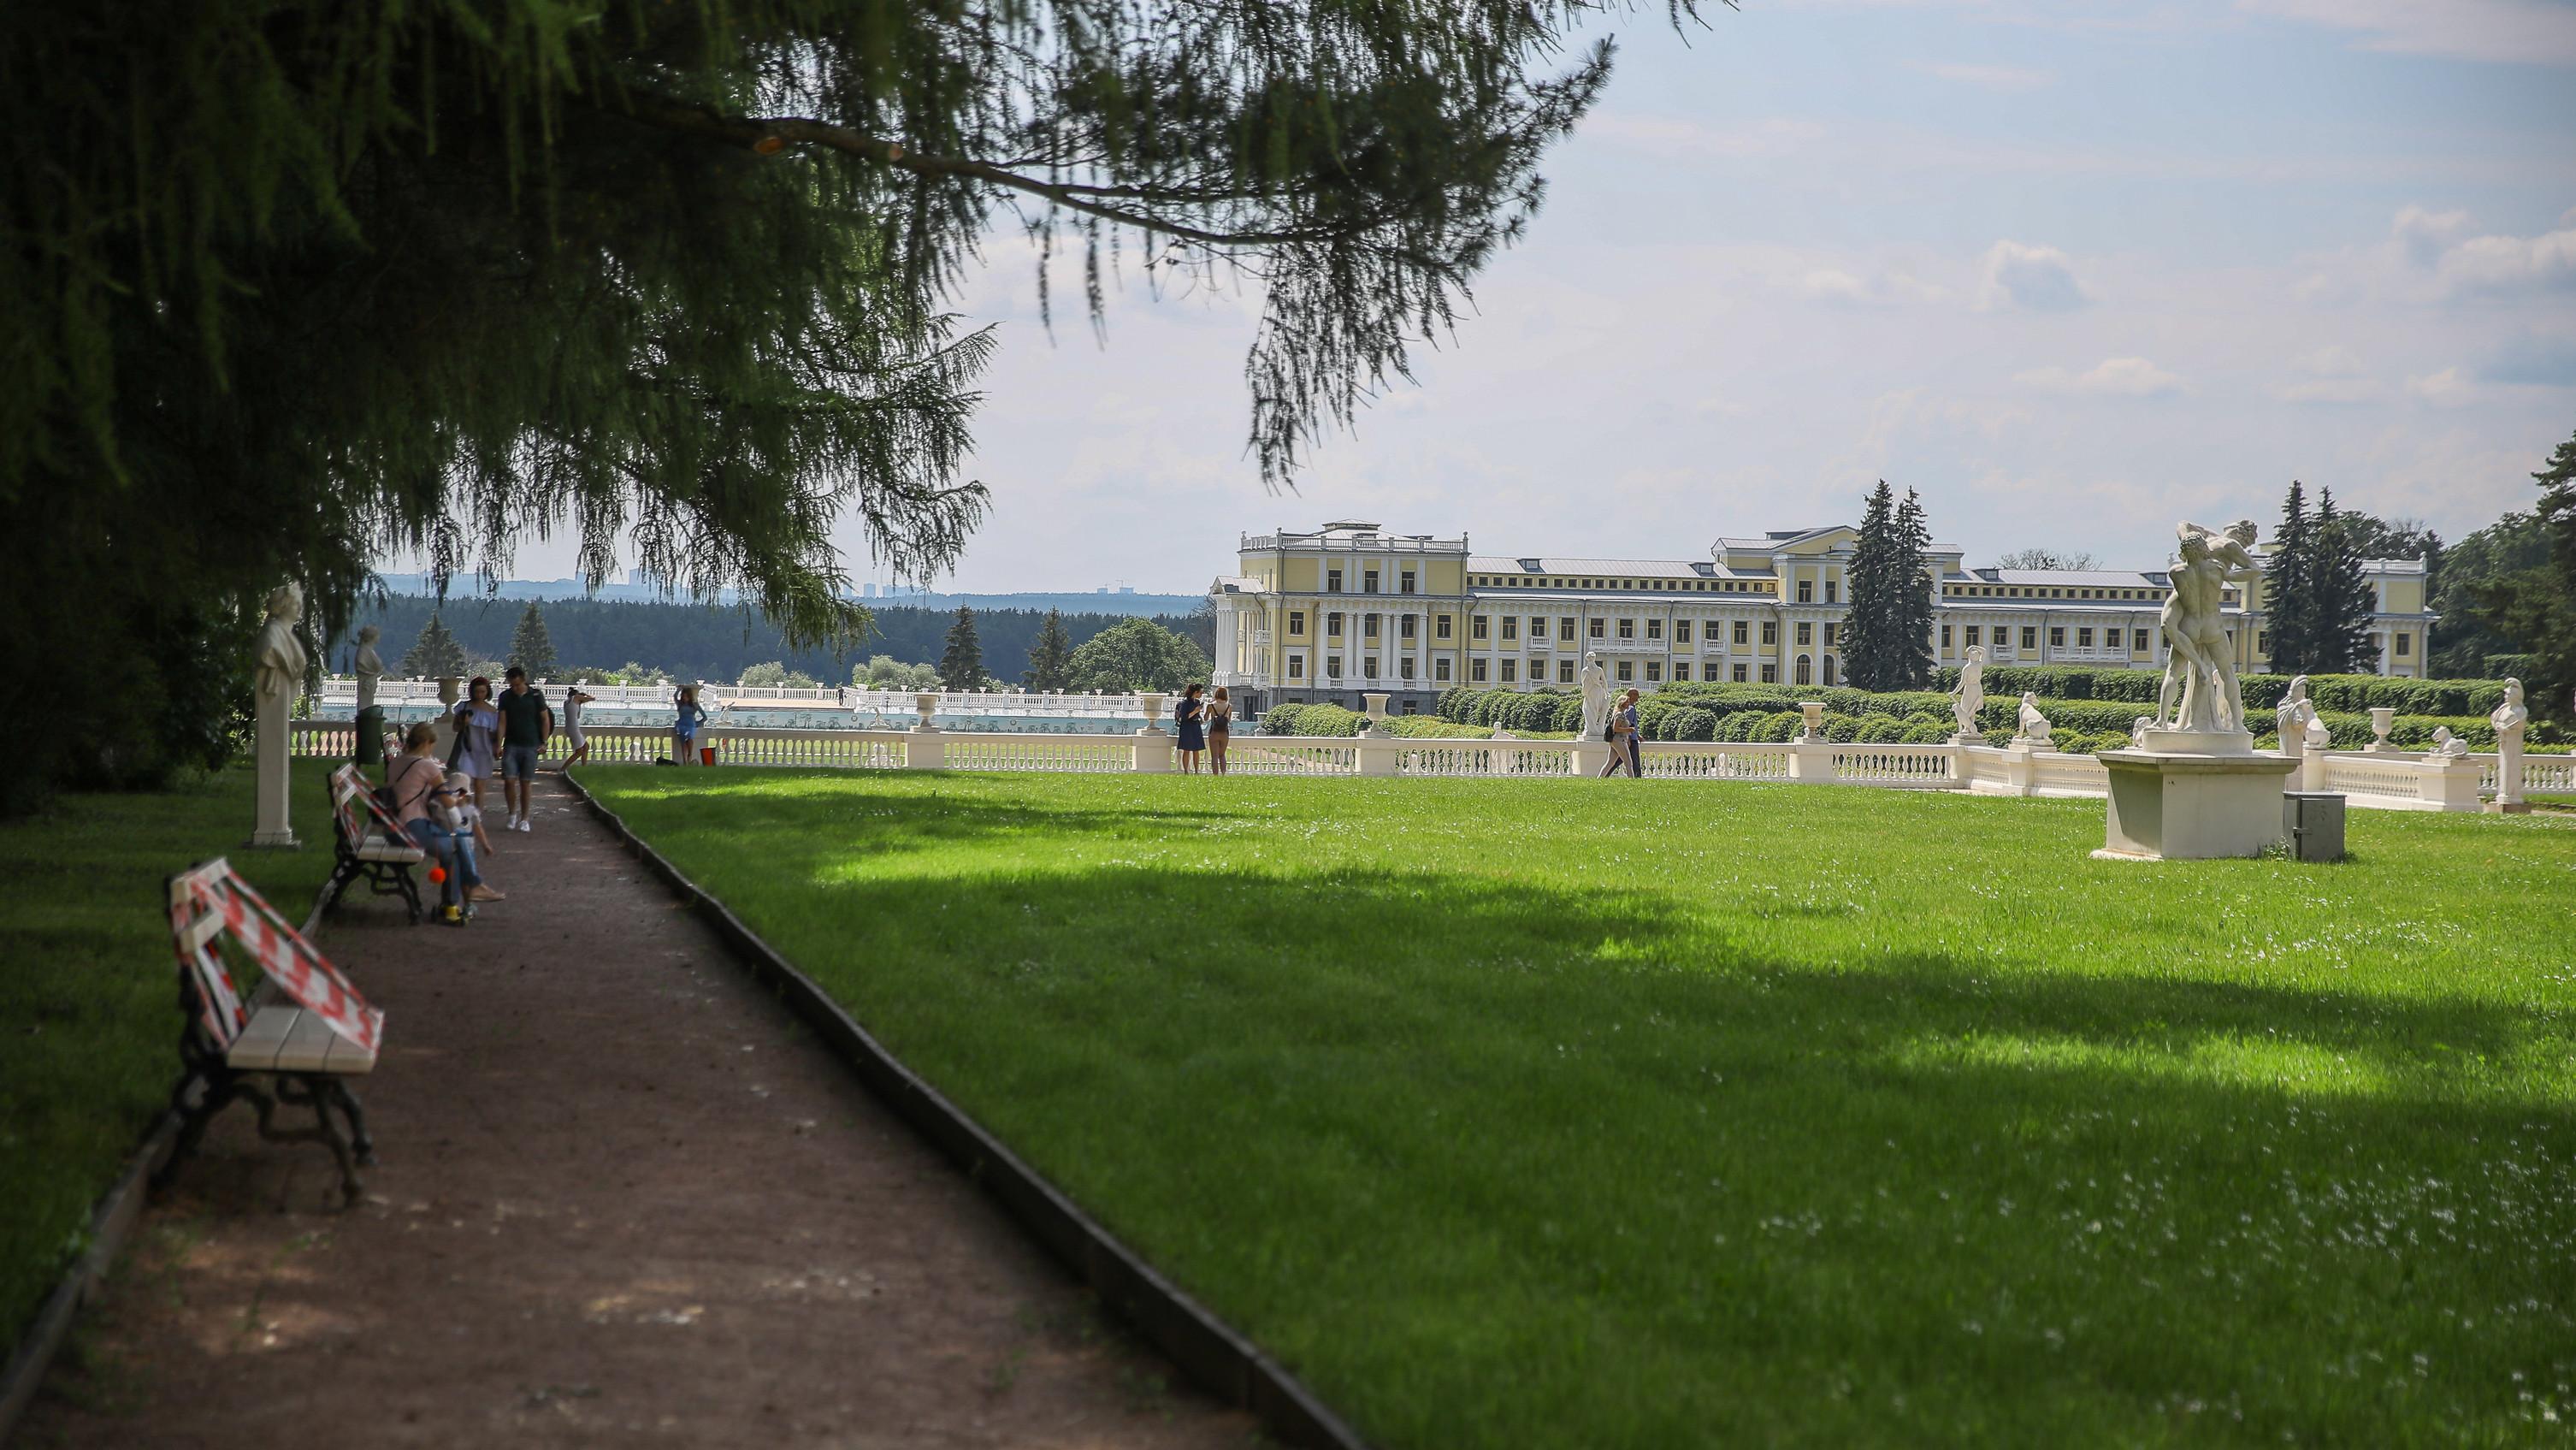 Жителям региона рассказали о самых популярных туристических местах Московской области